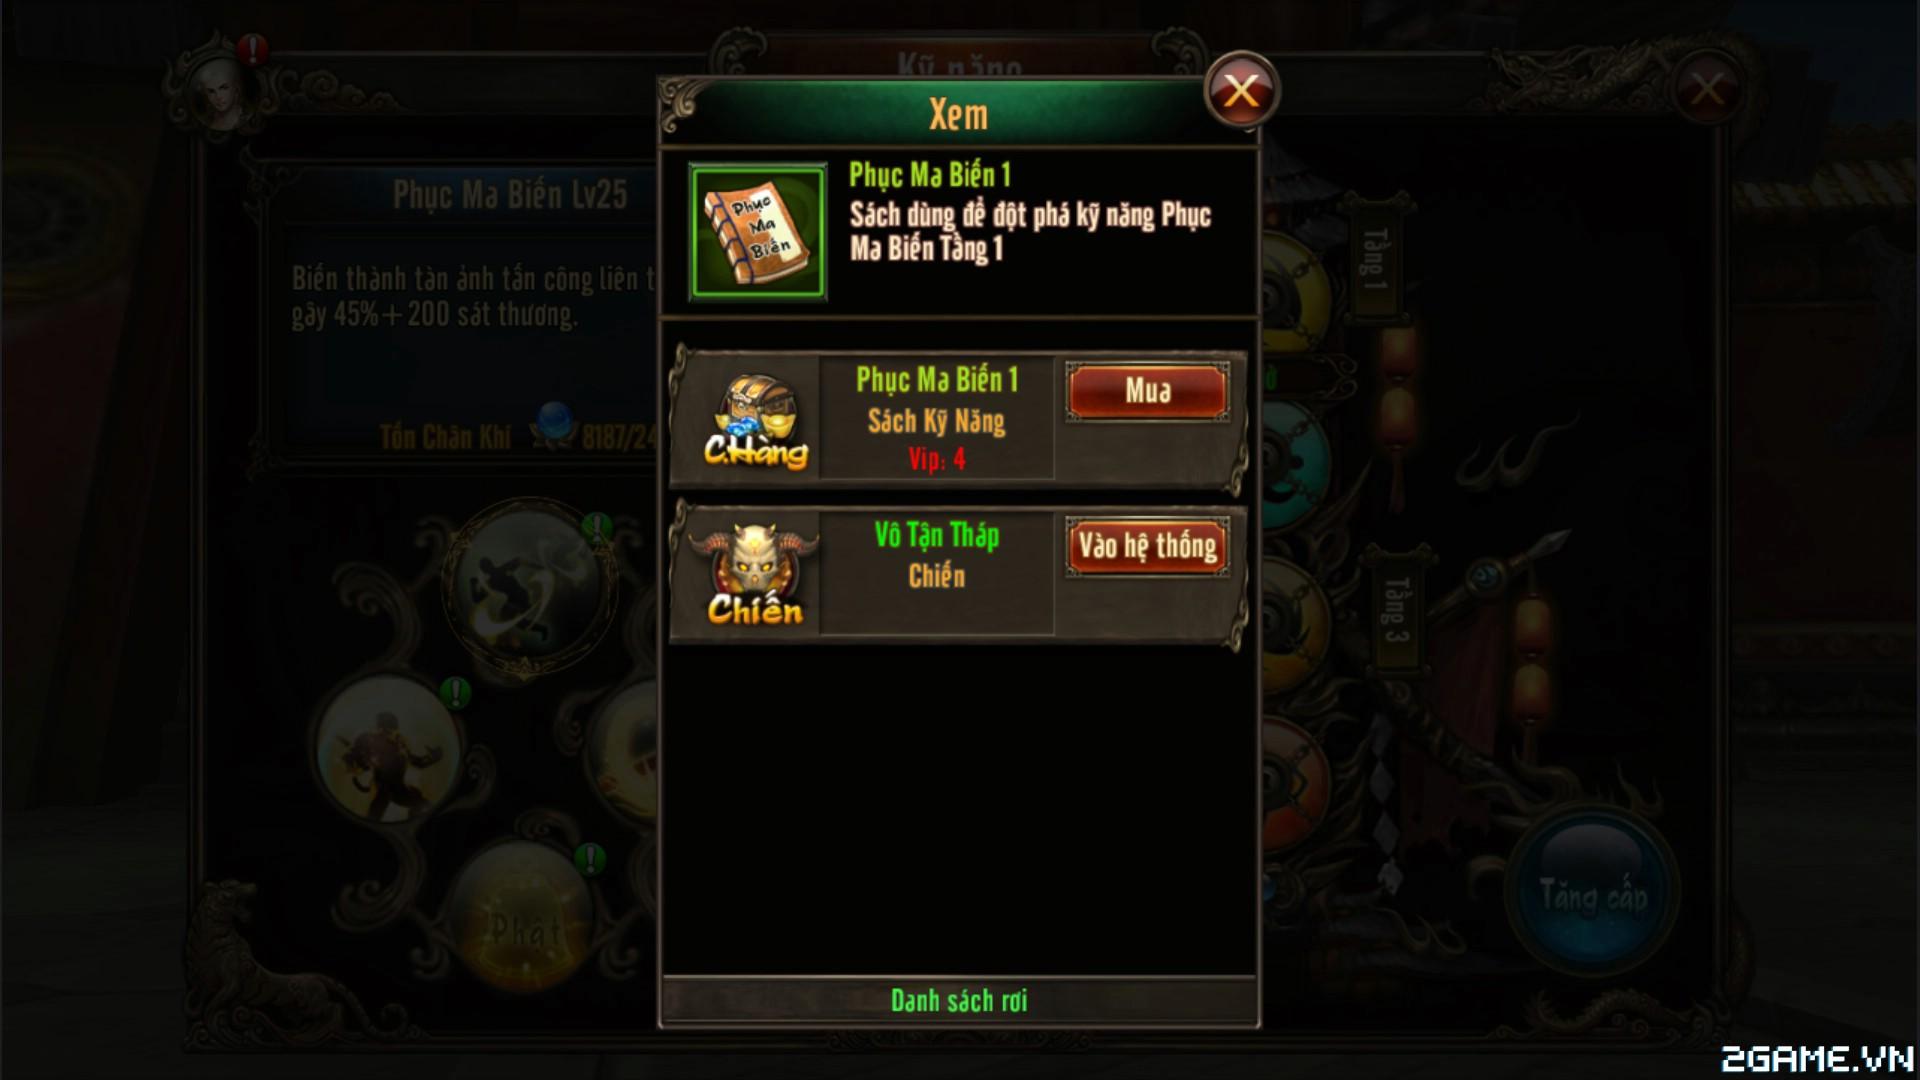 Kungfu Chi Vương - Tìm hiểu Kỹ 5